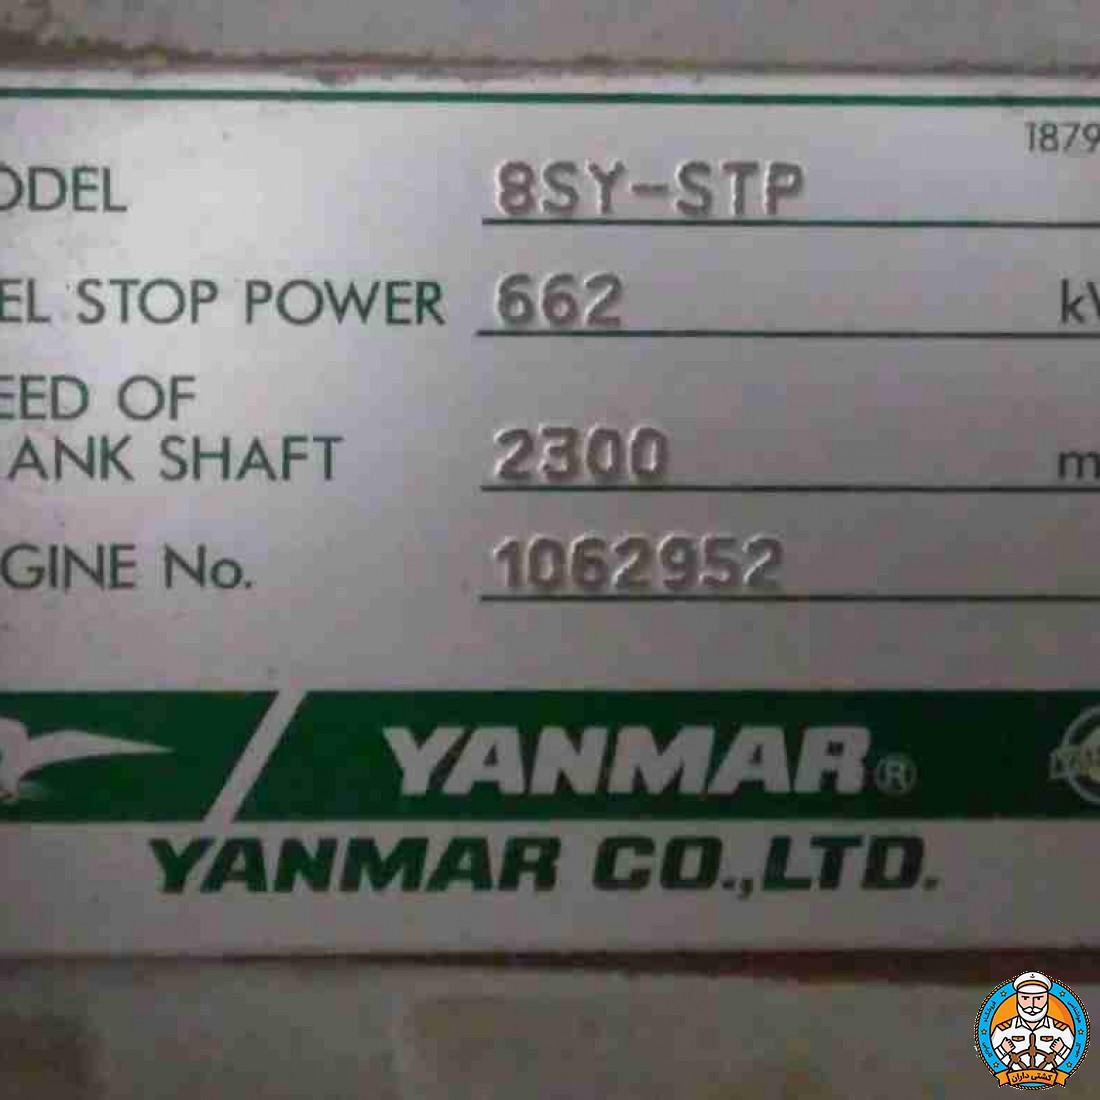 فروش 2 عدد موتور یانمار 900 اسببخار